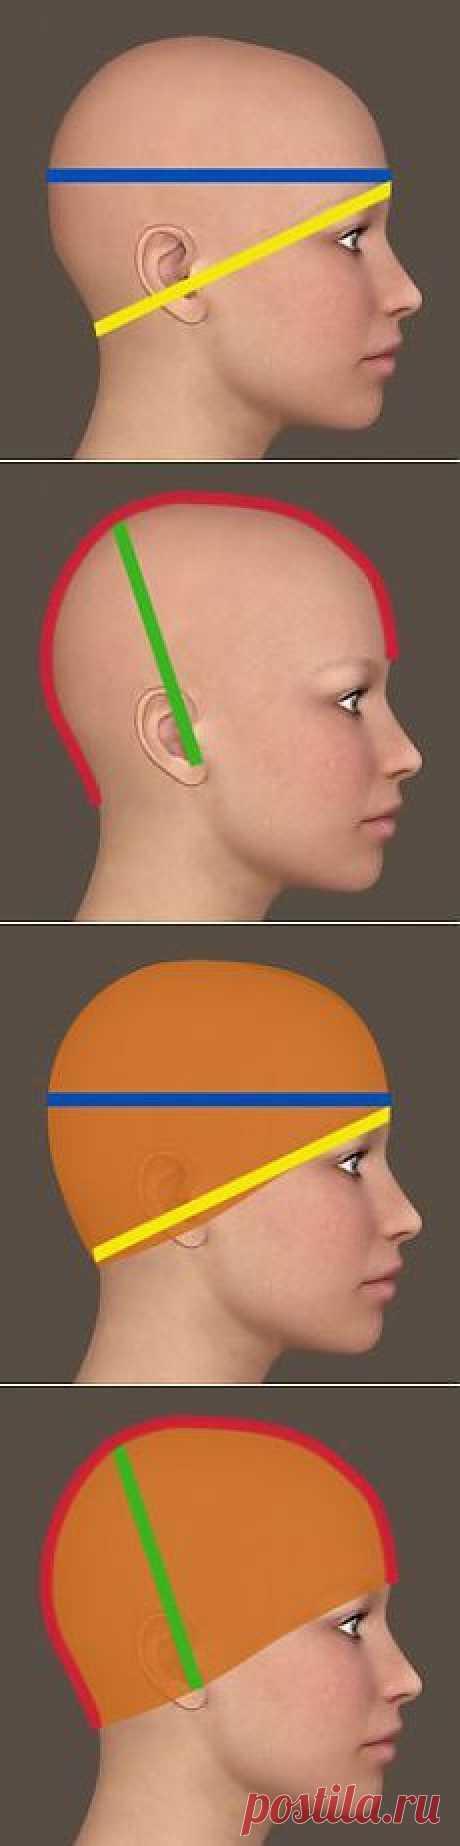 11 шш P °. R°R ° (365x550, 133Kb) | hat caps